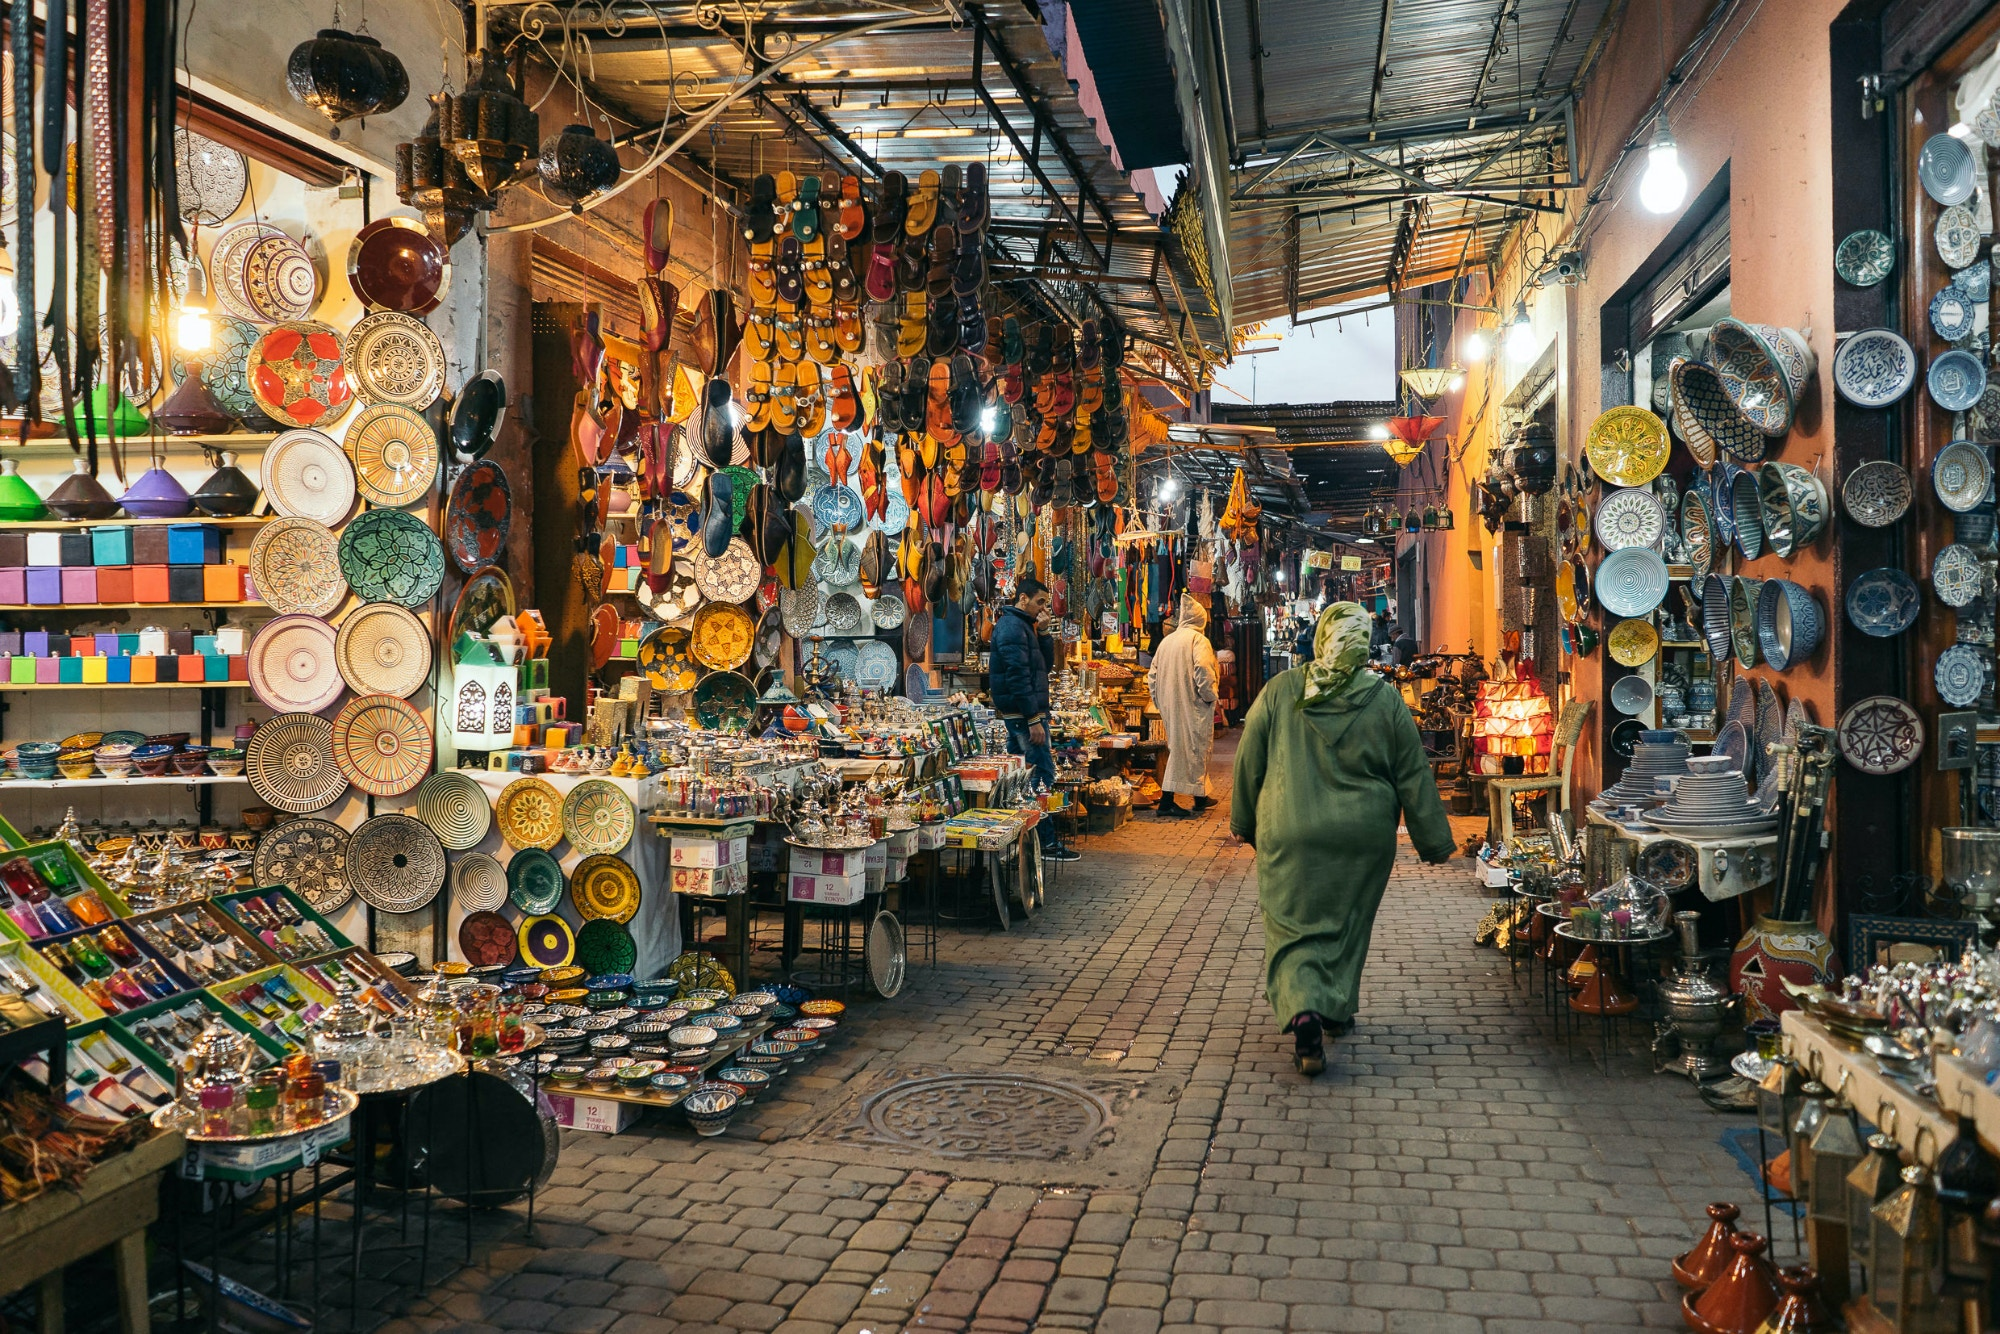 Stroll through the souks in Marrakech © HUANG Zheng / Shutterstock